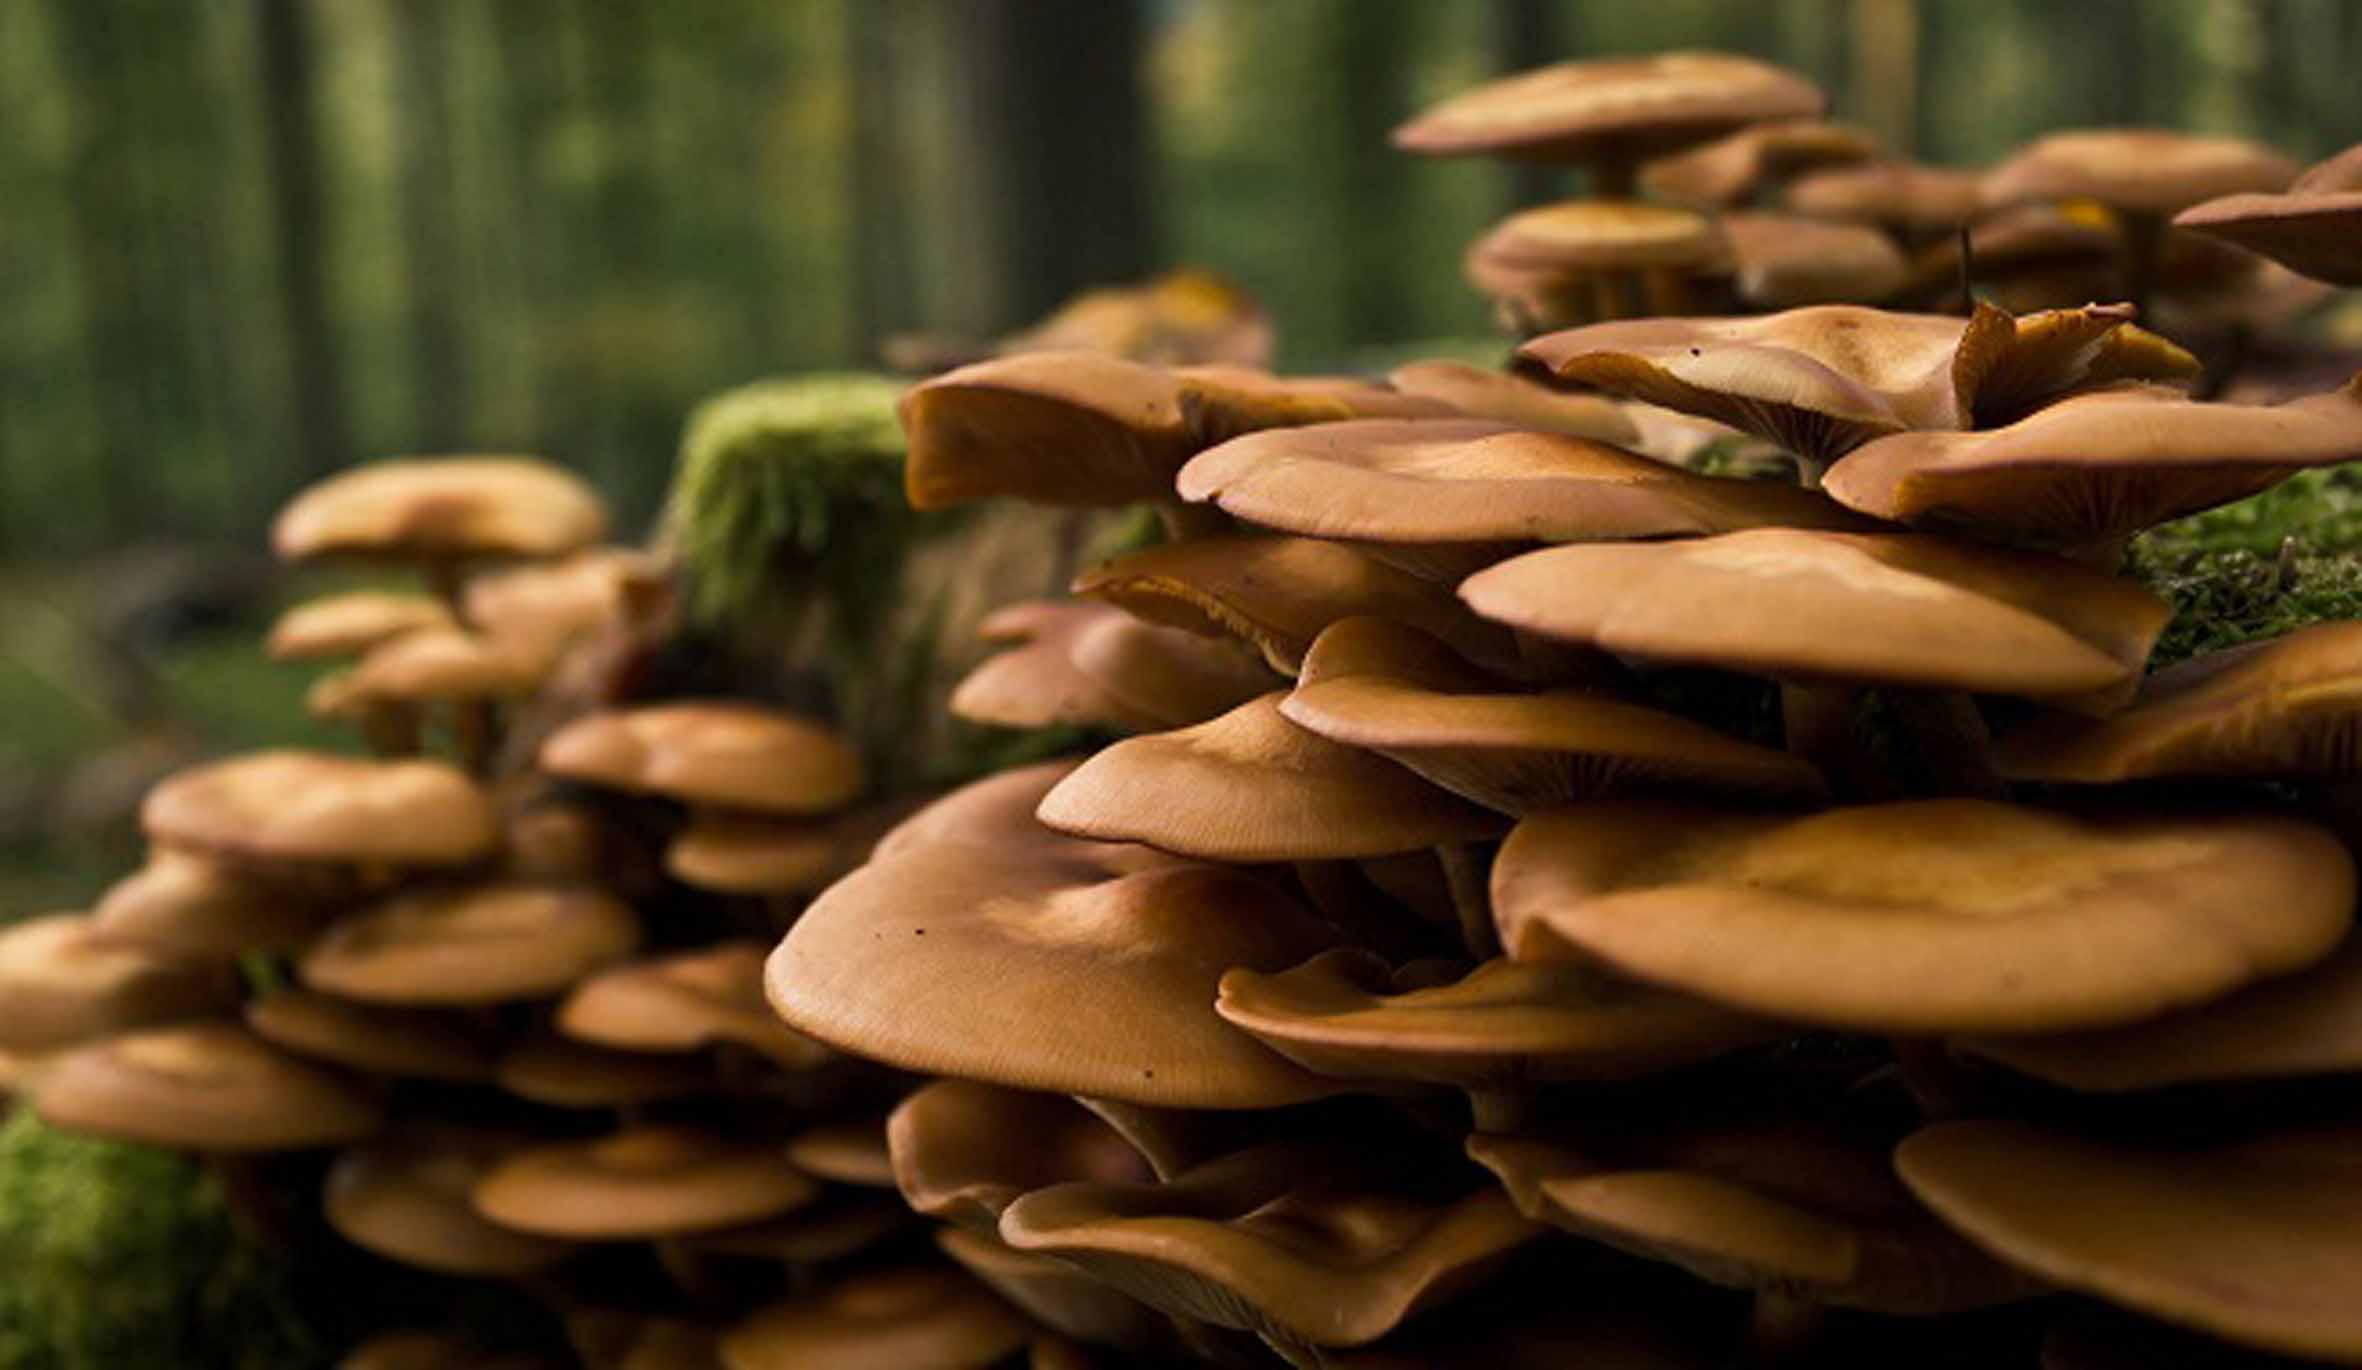 En m xico hay 250 mil especies de hongos - El moho es un hongo ...